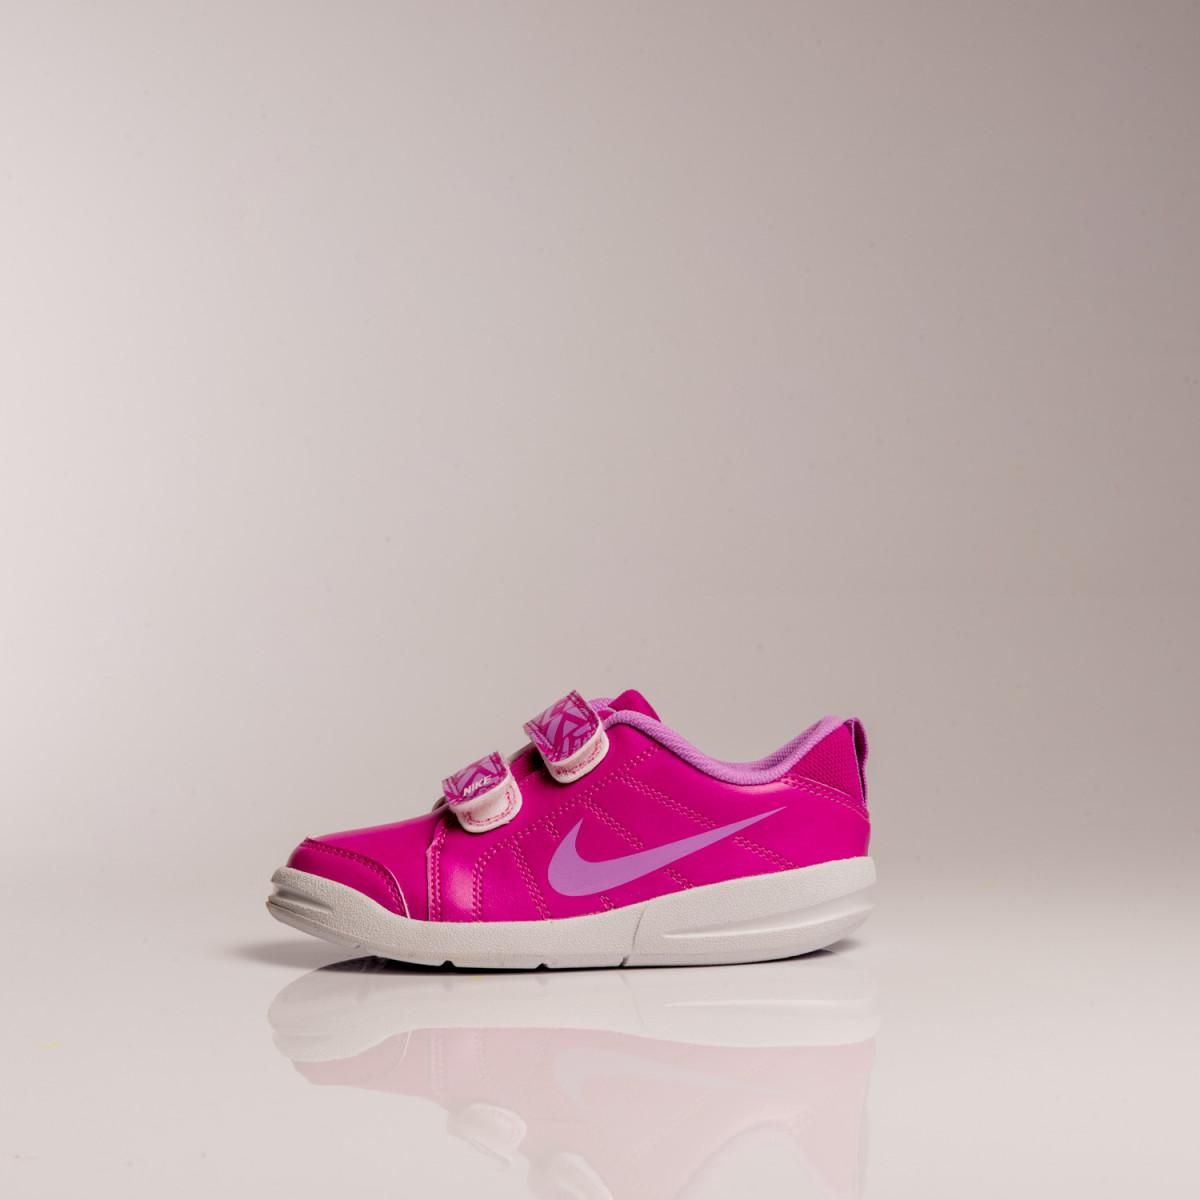 Zapatillas Nike Pico Lt (Psv)